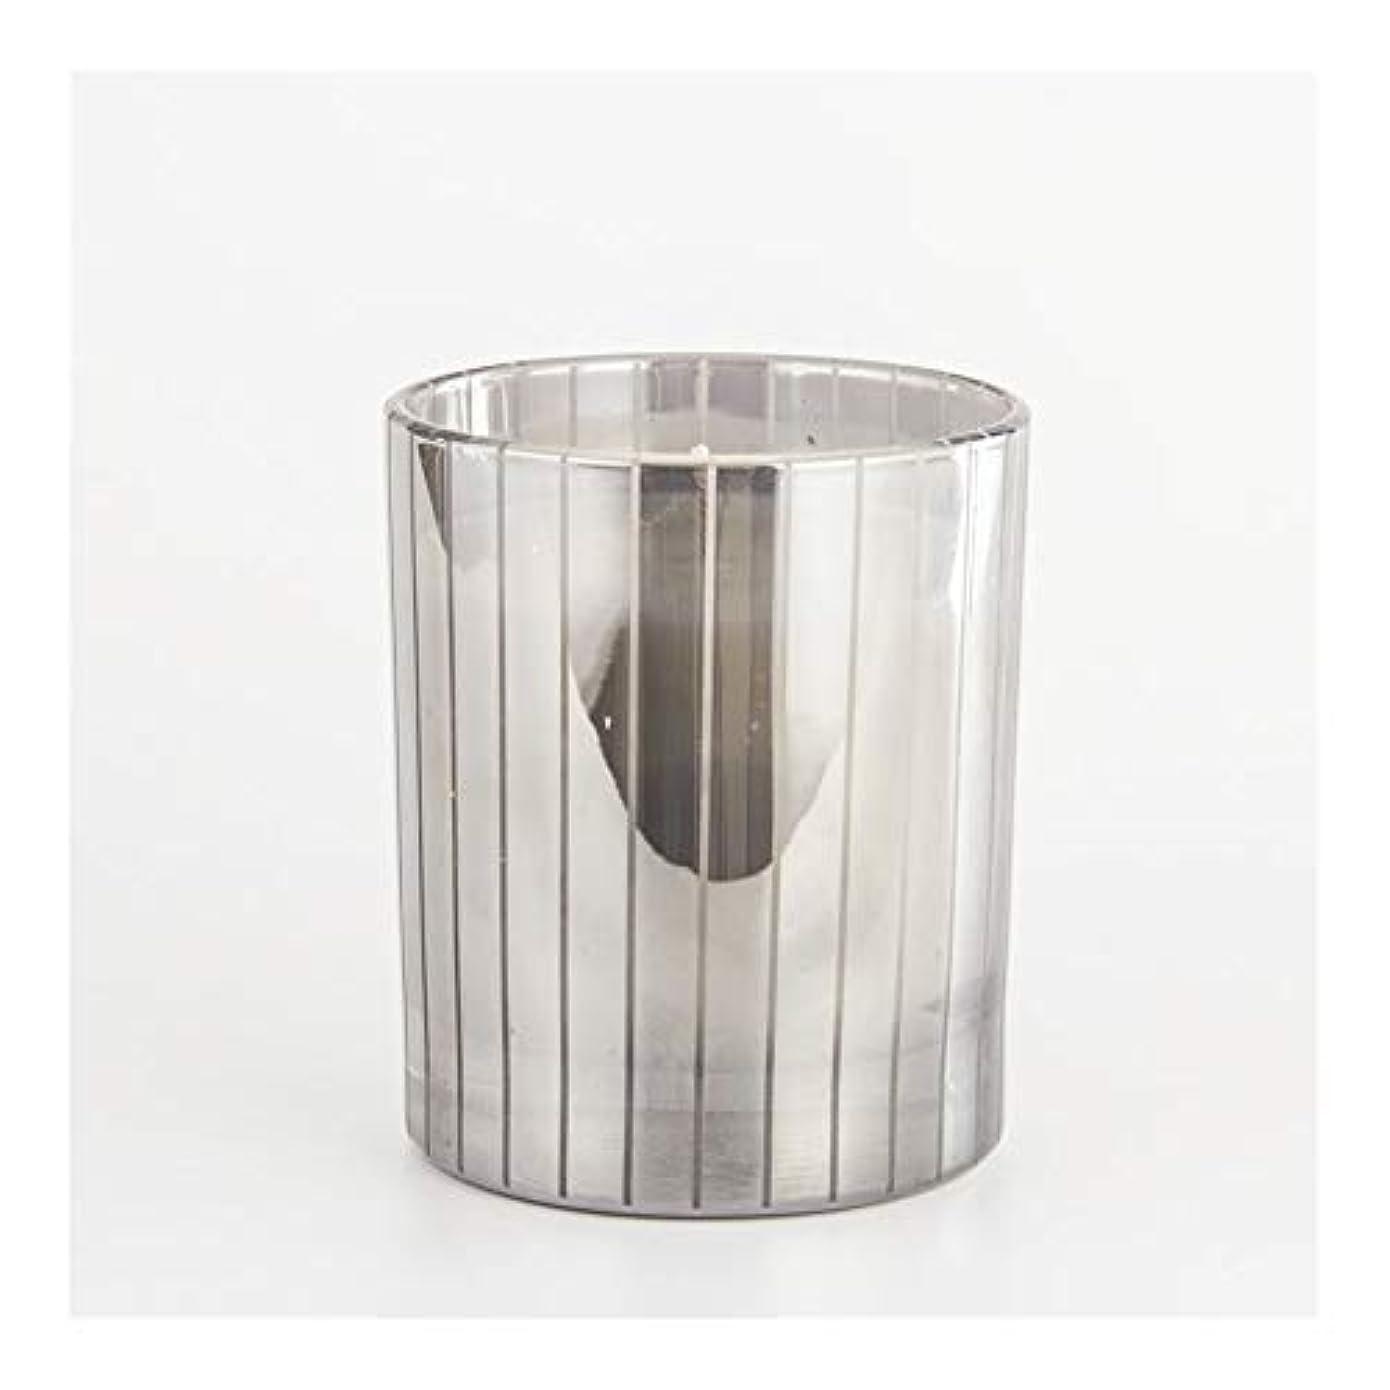 施し財政はぁGuomao シルバーストライプカップキャンドルカップワックスワックスアロマセラピーキャンドルガラスワックスカップ